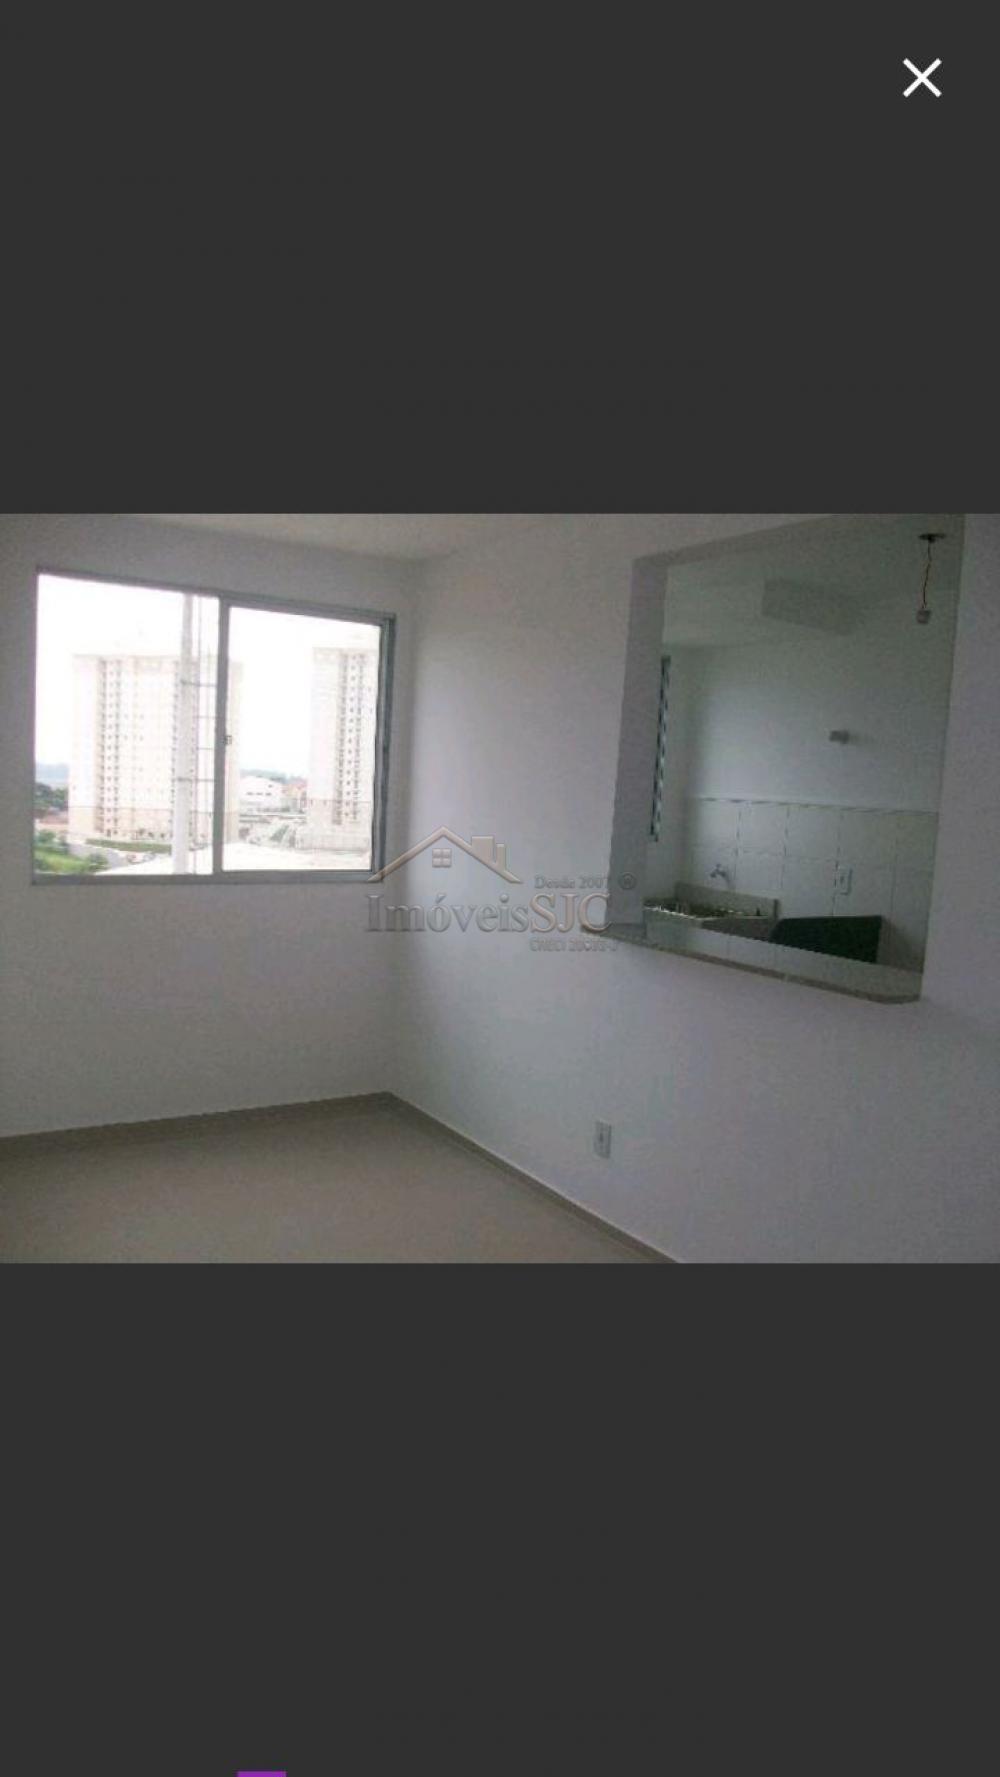 Alugar Apartamentos / Padrão em São José dos Campos apenas R$ 750,00 - Foto 11